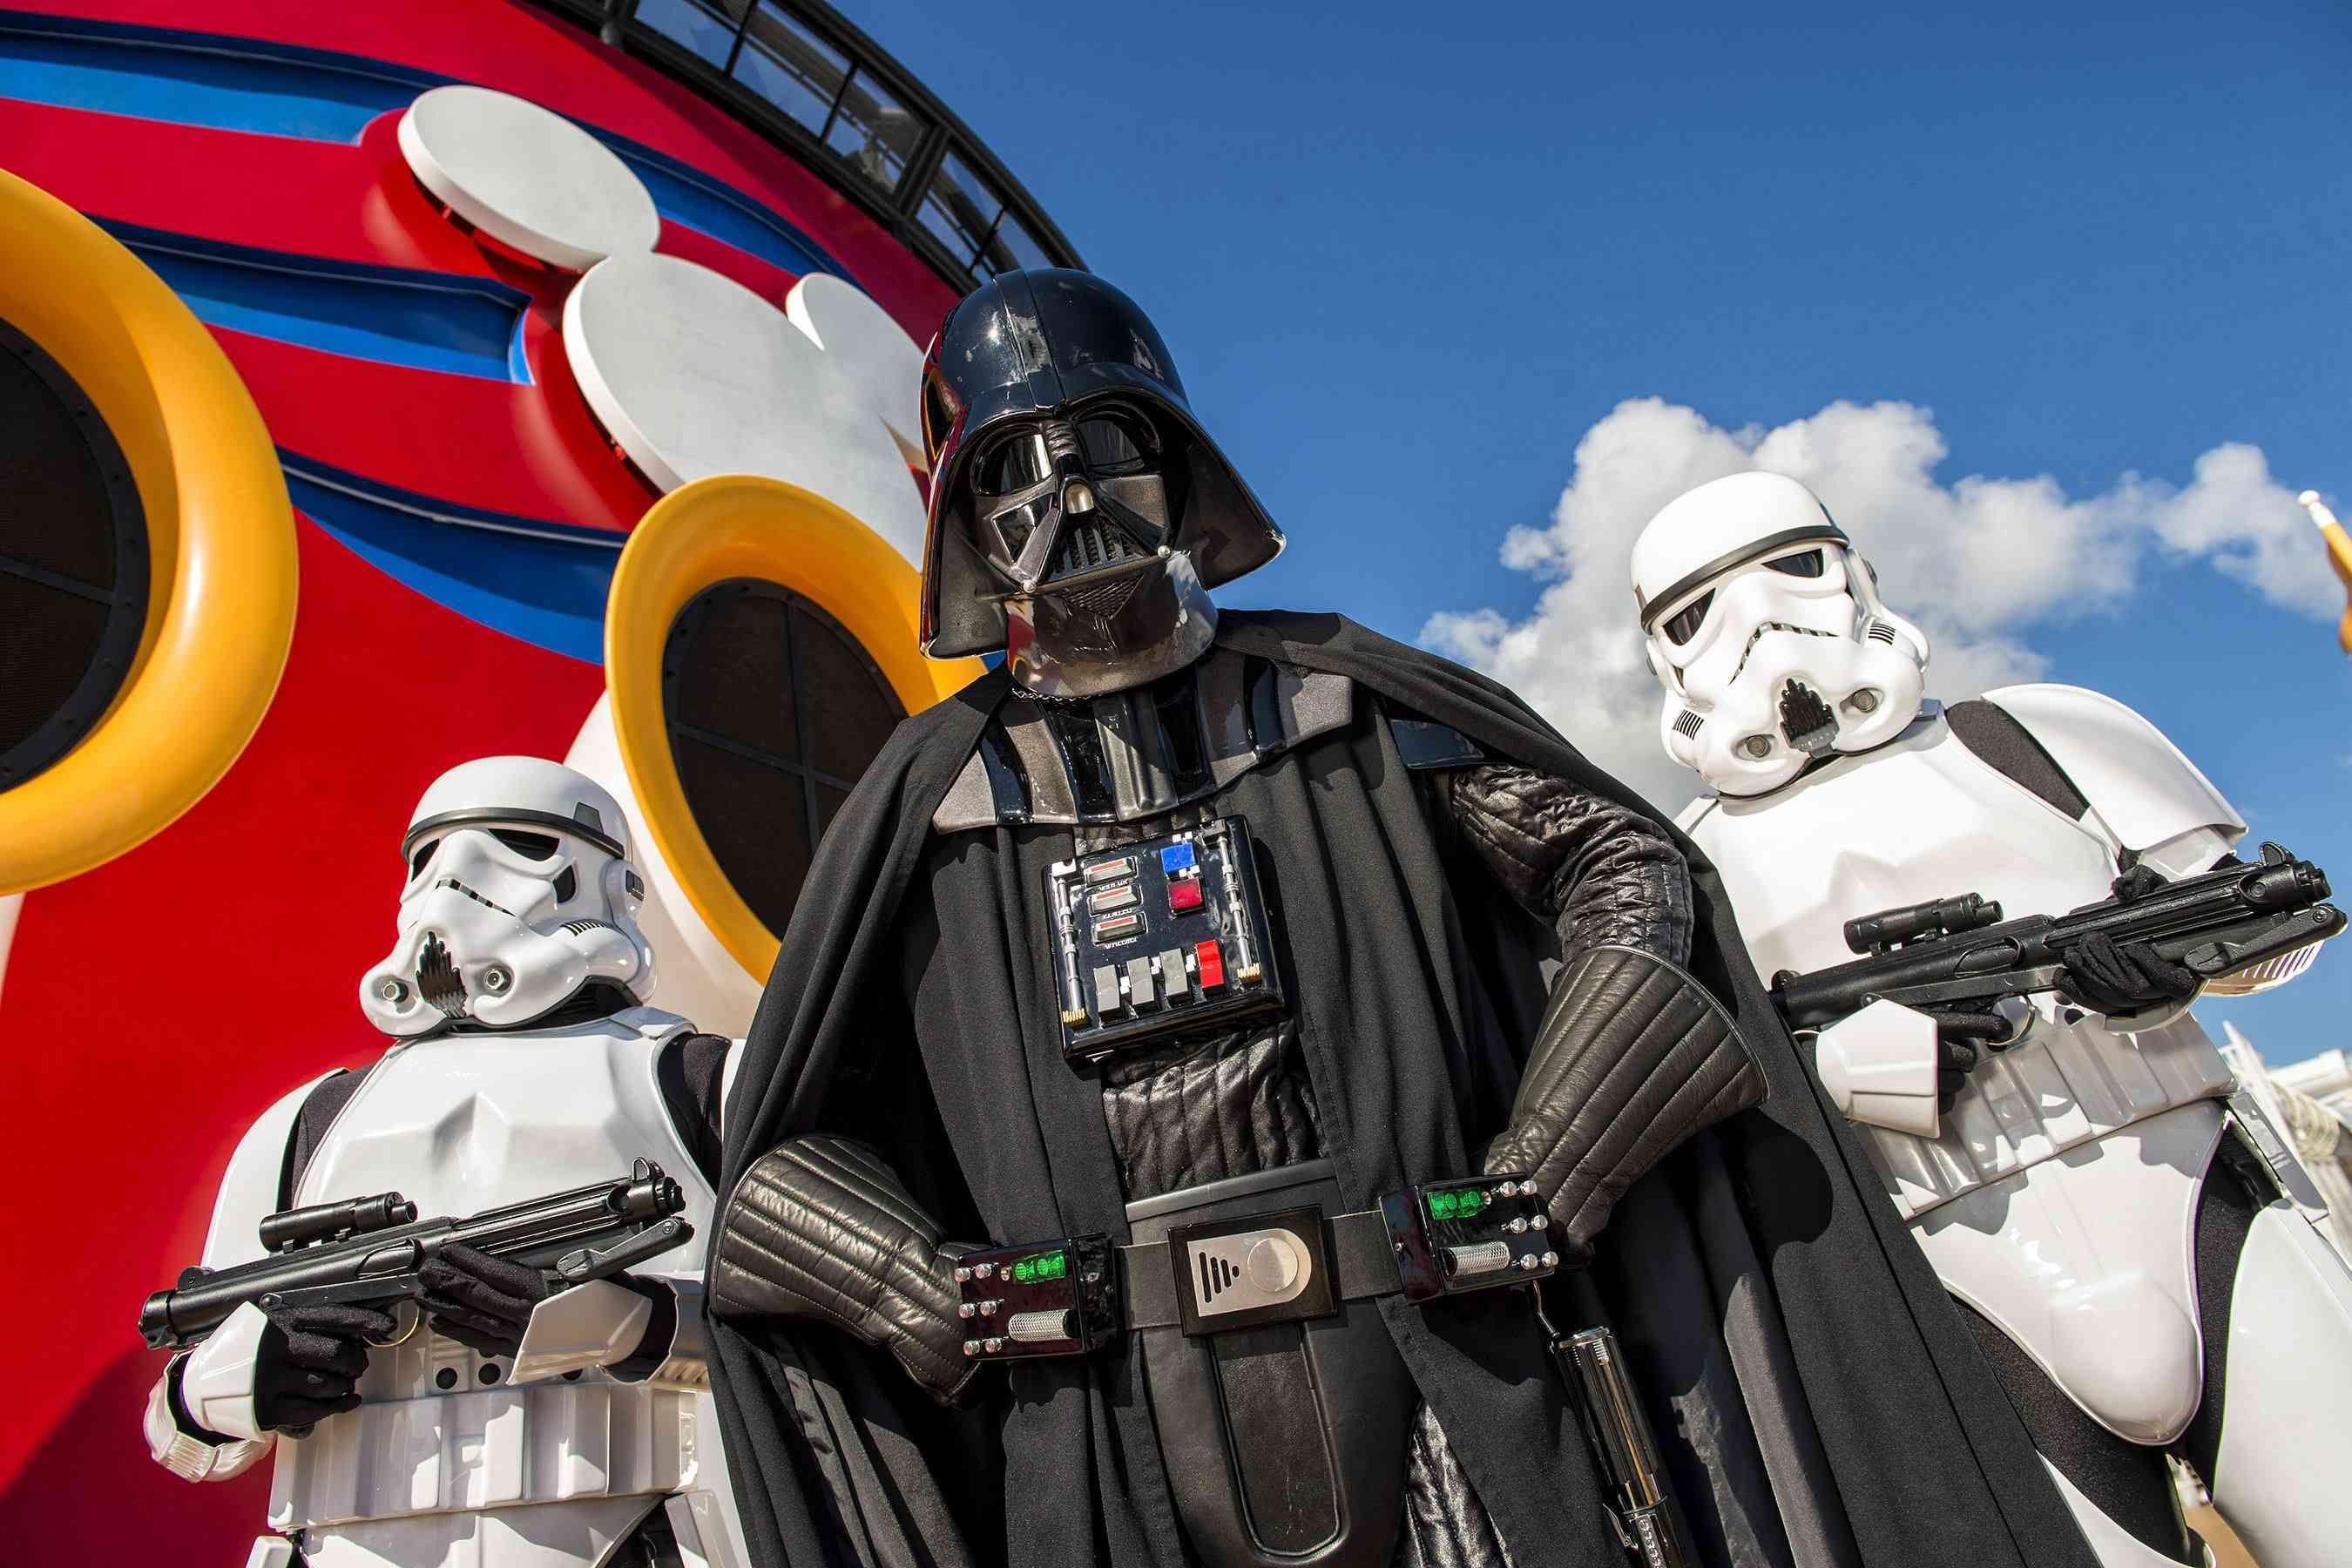 En 2016 los huéspedes de Disney Cruise Line podrán celebrar las legendarias aventuras y personajes icónicos de la saga Star Wars.   En salidas seleccionadas por el Caribe Oeste a bordo del Disney Fantasy el día en el mar de Star Wars se llevará a cabo en las siguientes fechas: Ene 09 y 23, Feb 06 y 20, Mar 05 y19, Abrí 02 y 16  Para mayor información: 0212-285.0156 o escribiendo  a info@top-cruises.con